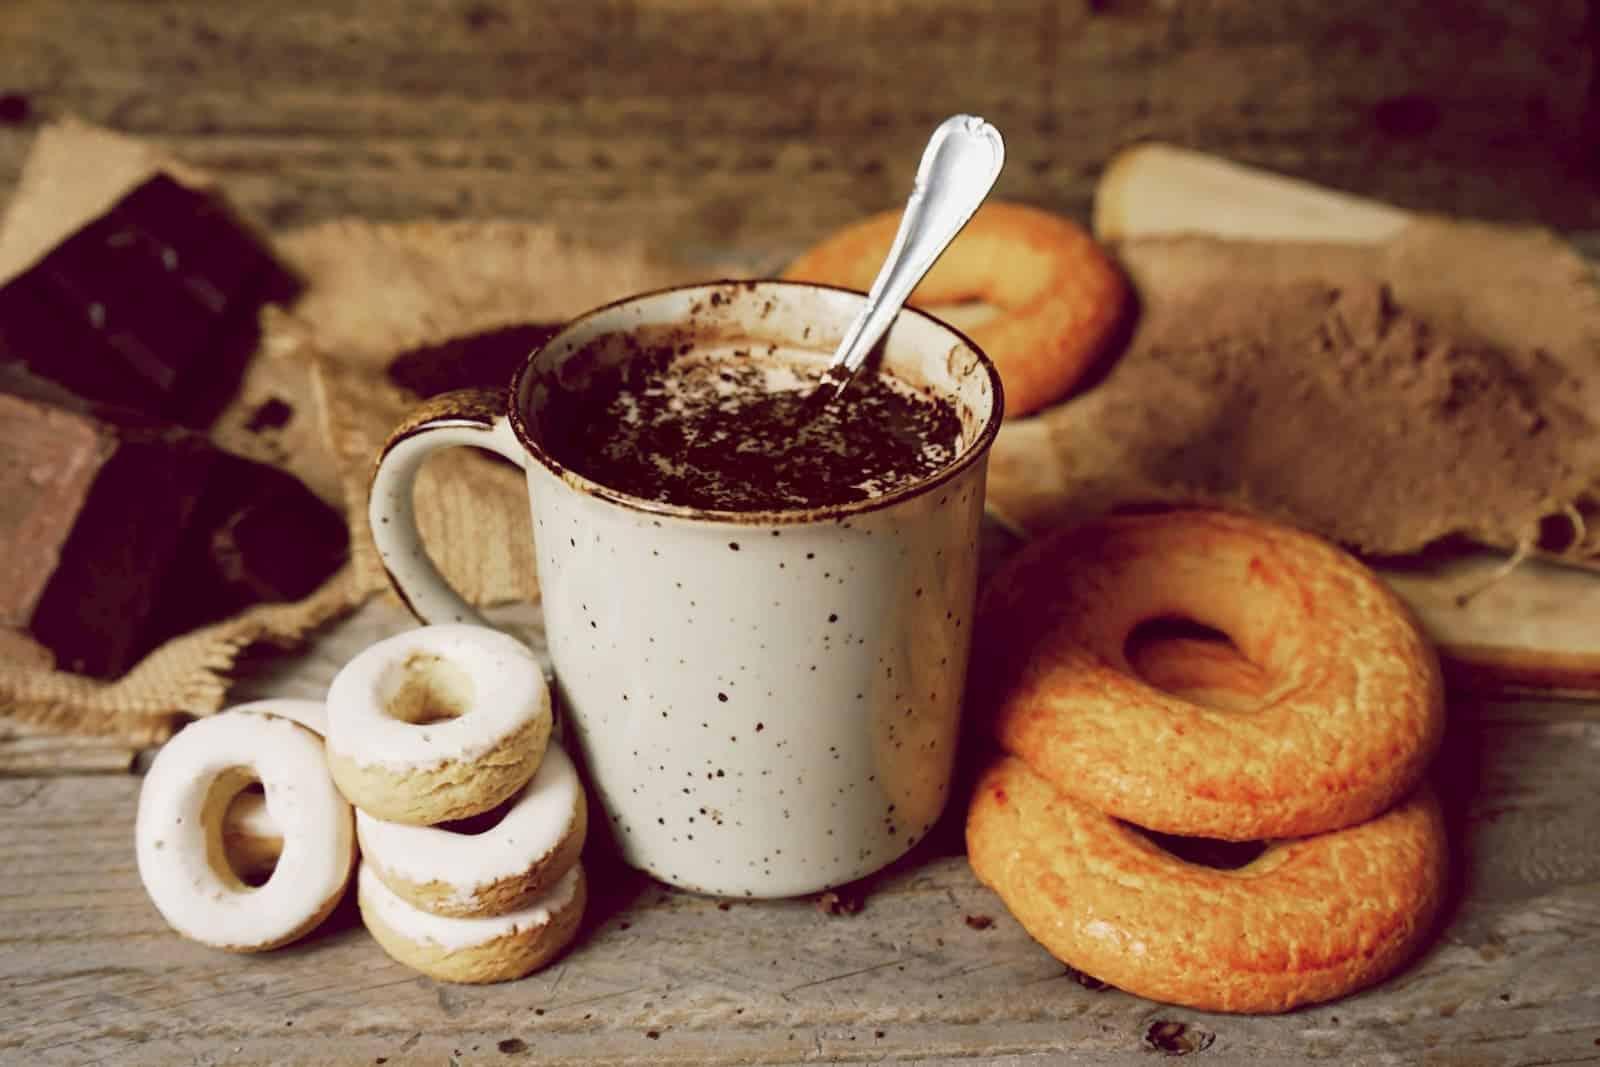 café preparado para tomar